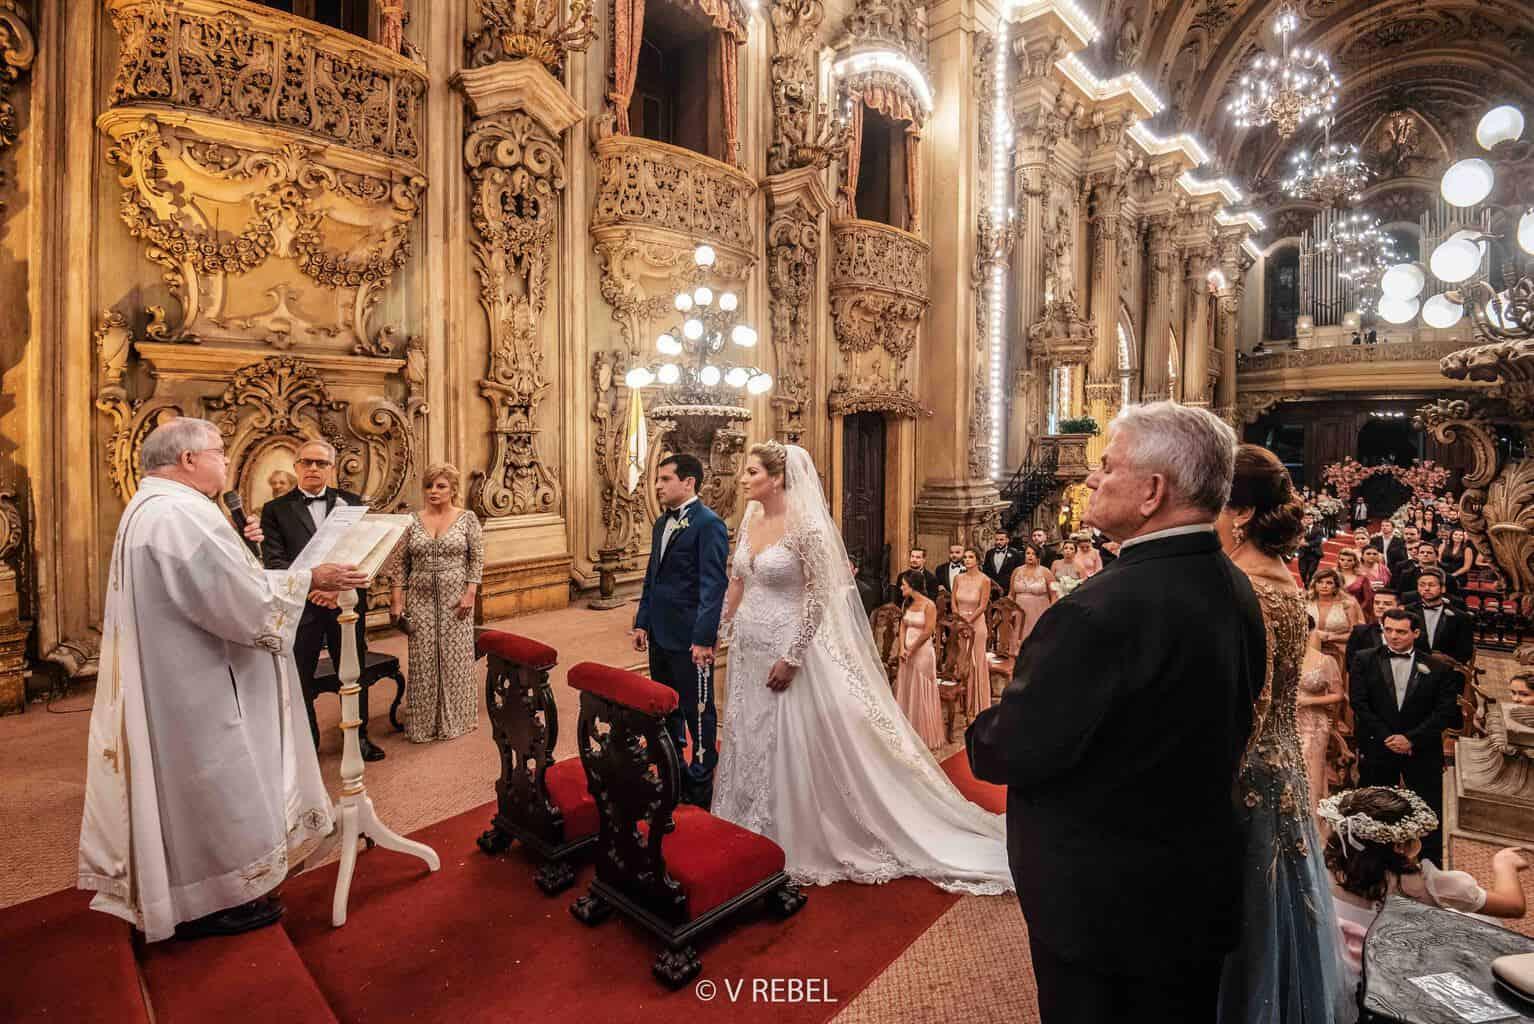 casamento-Caroline-e-Breno-casamento-clássico-cerimonia-na-igreja-fotografia-VRebel-noivos-no-altar40